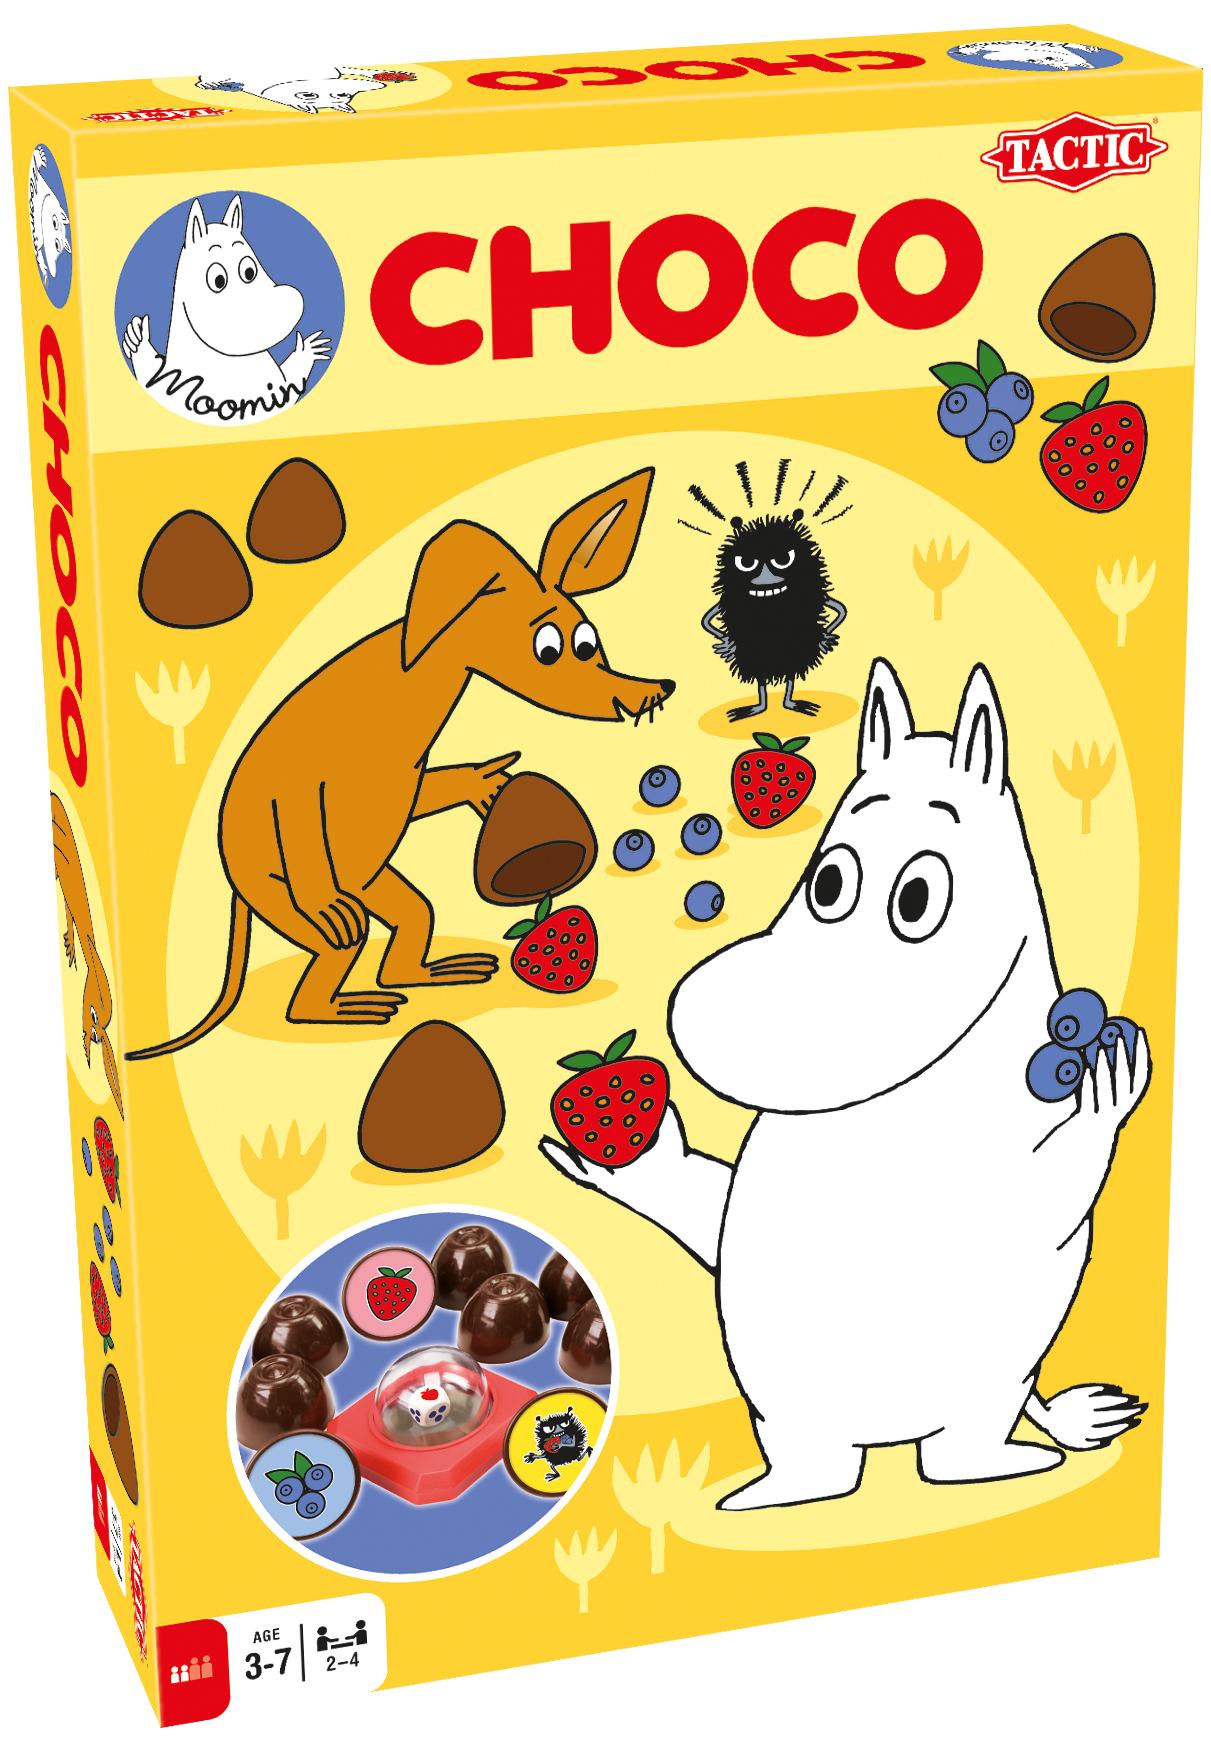 Tactic Moomin Choco